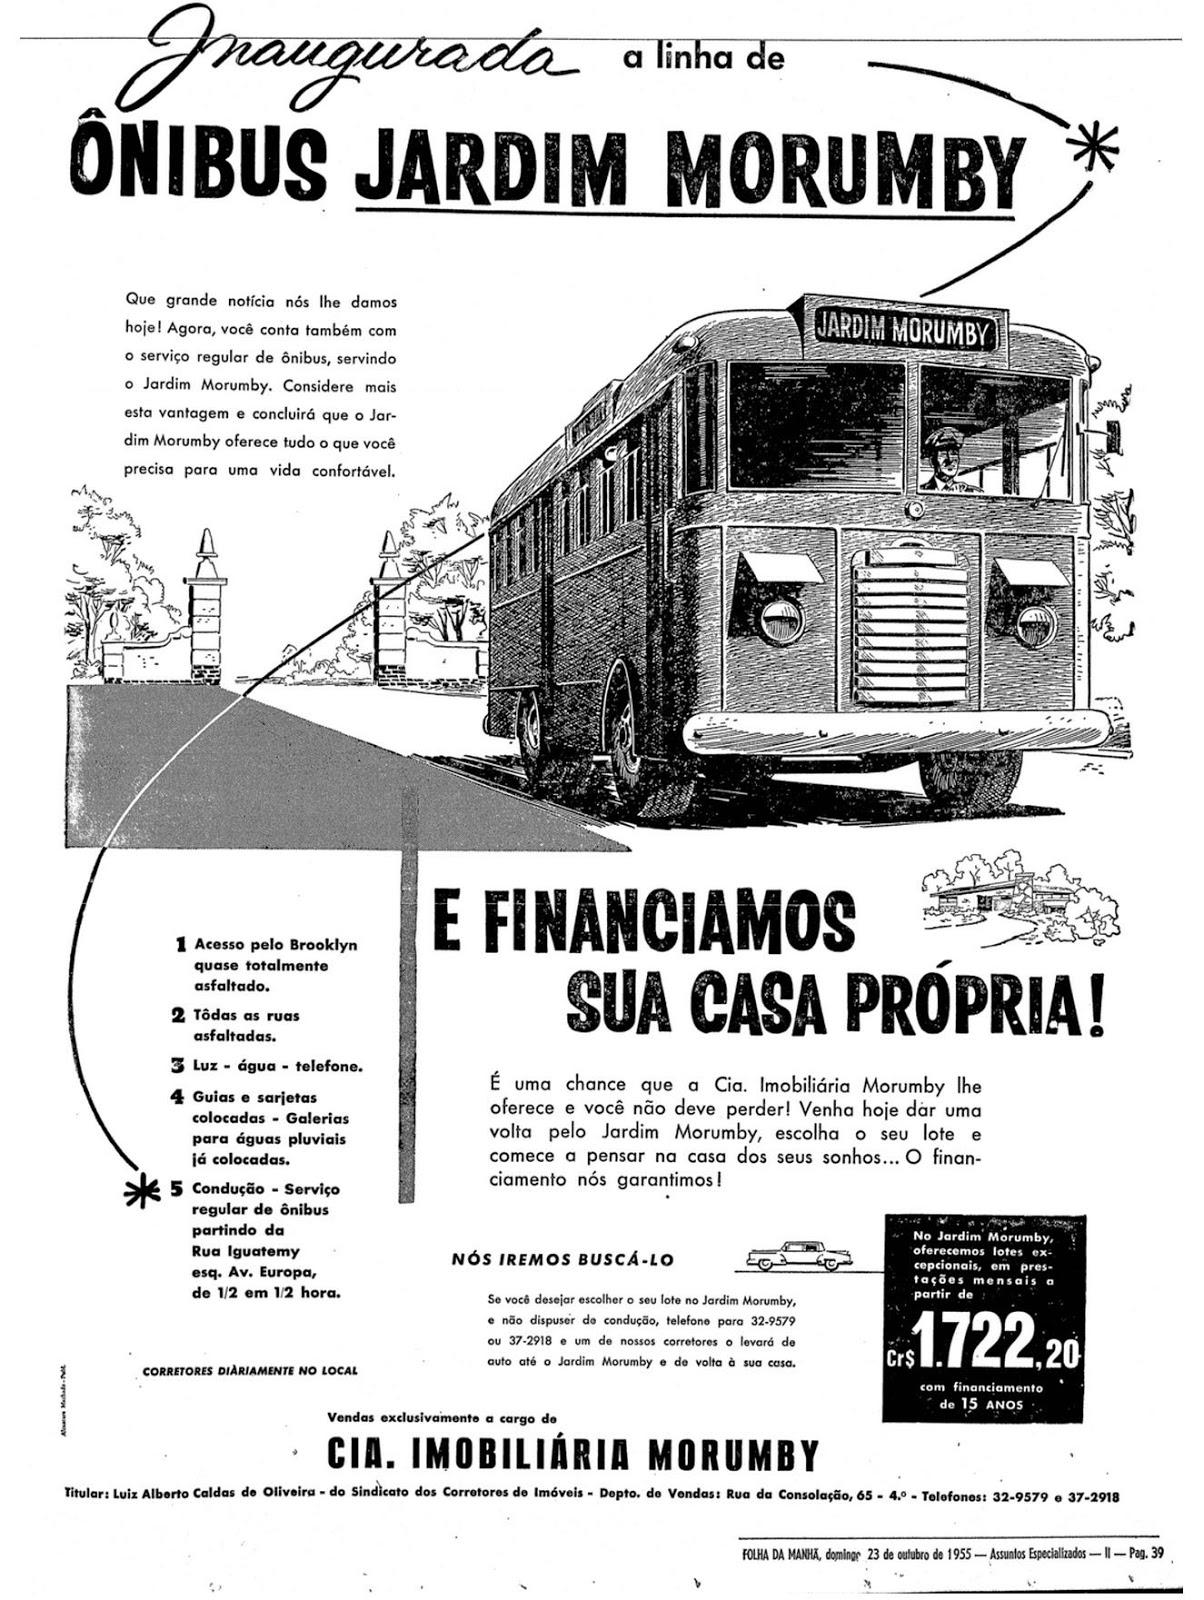 Propaganda anunciando a chegada da linha de ônibus no Bairro Morumbi em 1955